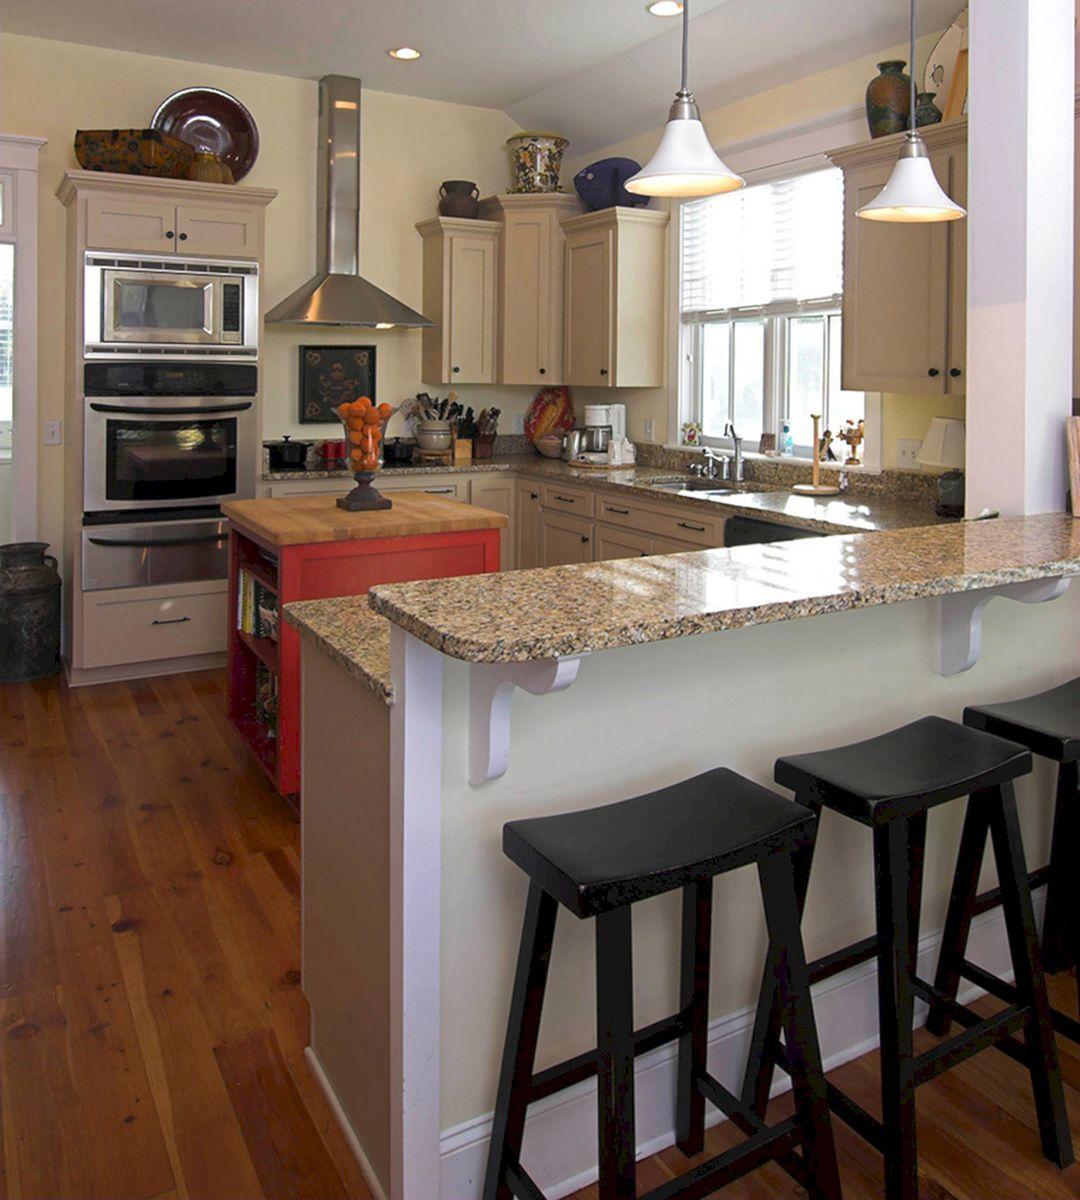 Raised Counter Kitchen Counter Ideas Kitchen Island With Sink Kitchen Bar Kitchen Redo